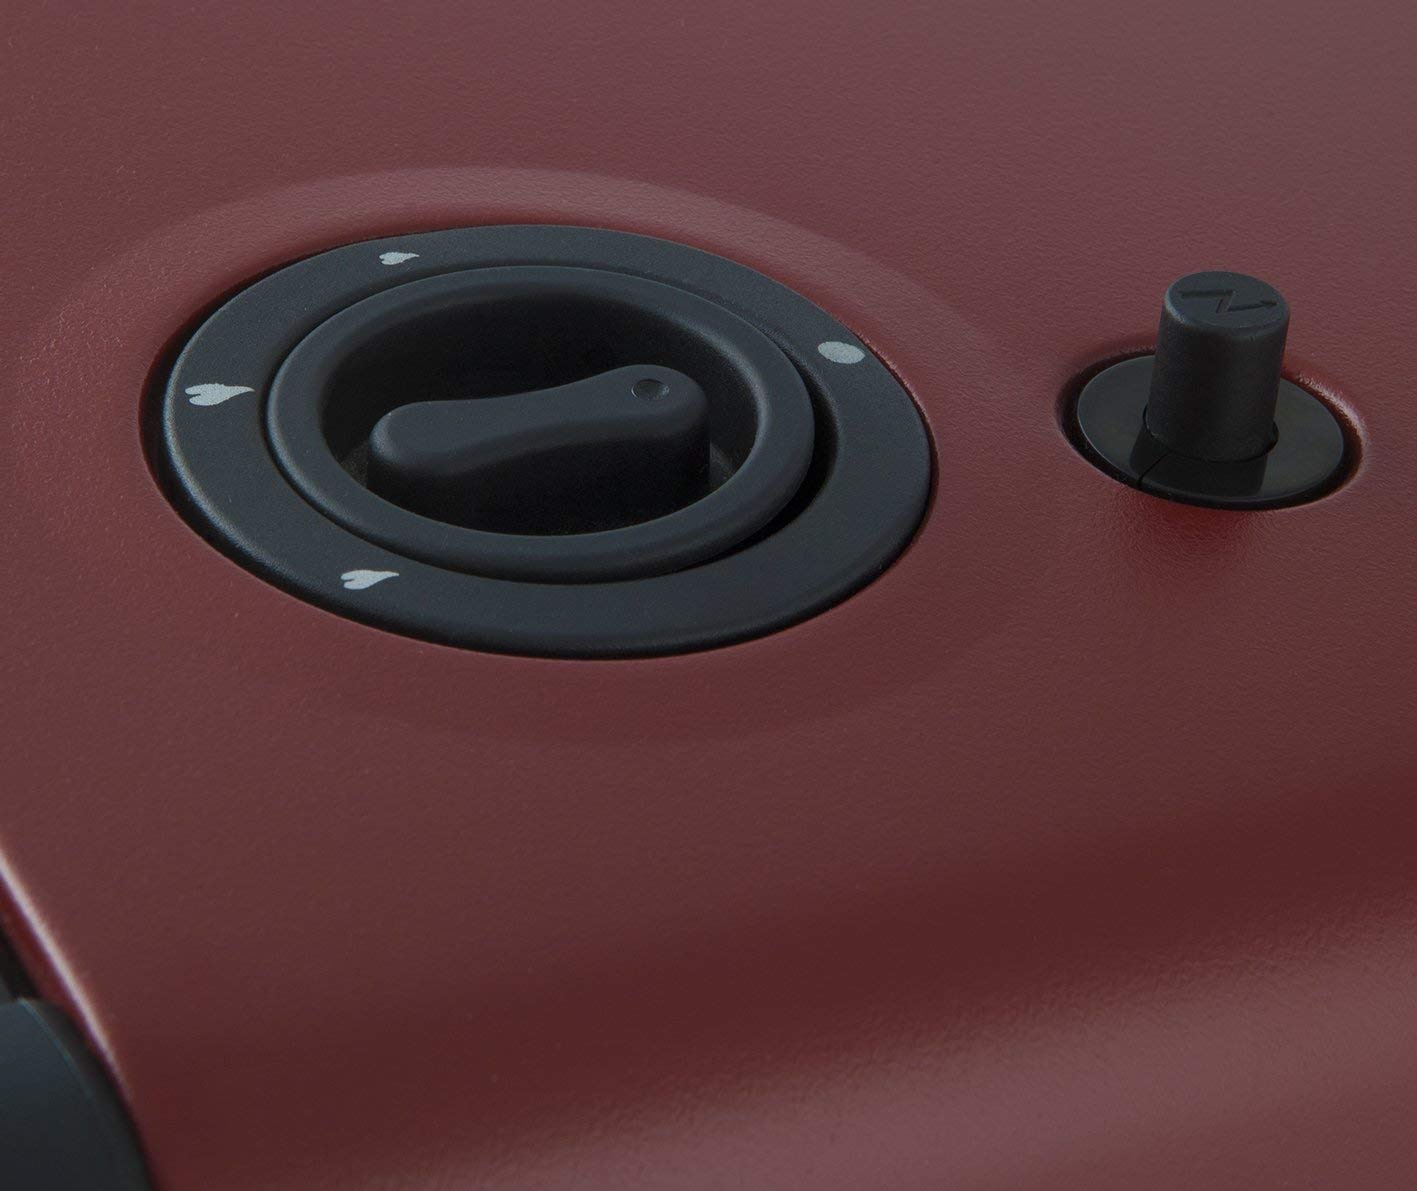 estufas de gas butano Orbegozo HBF95 termostato